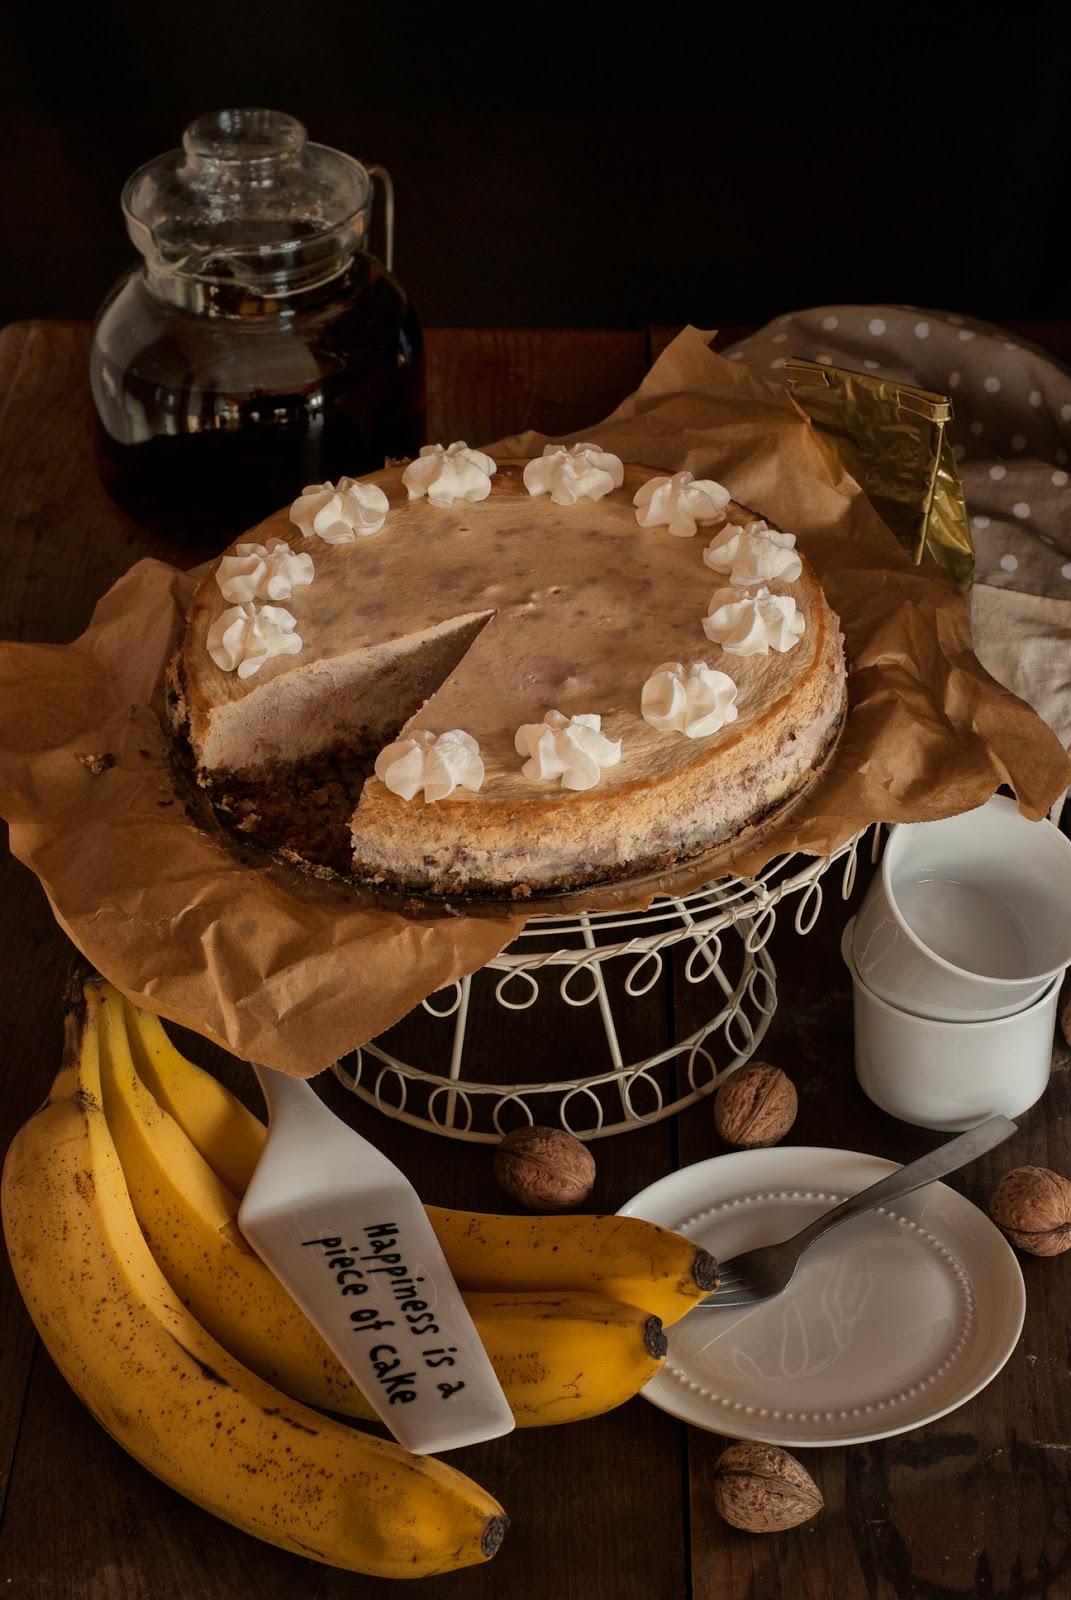 Sernik bananowo-orzechowy na owsianym spodzie